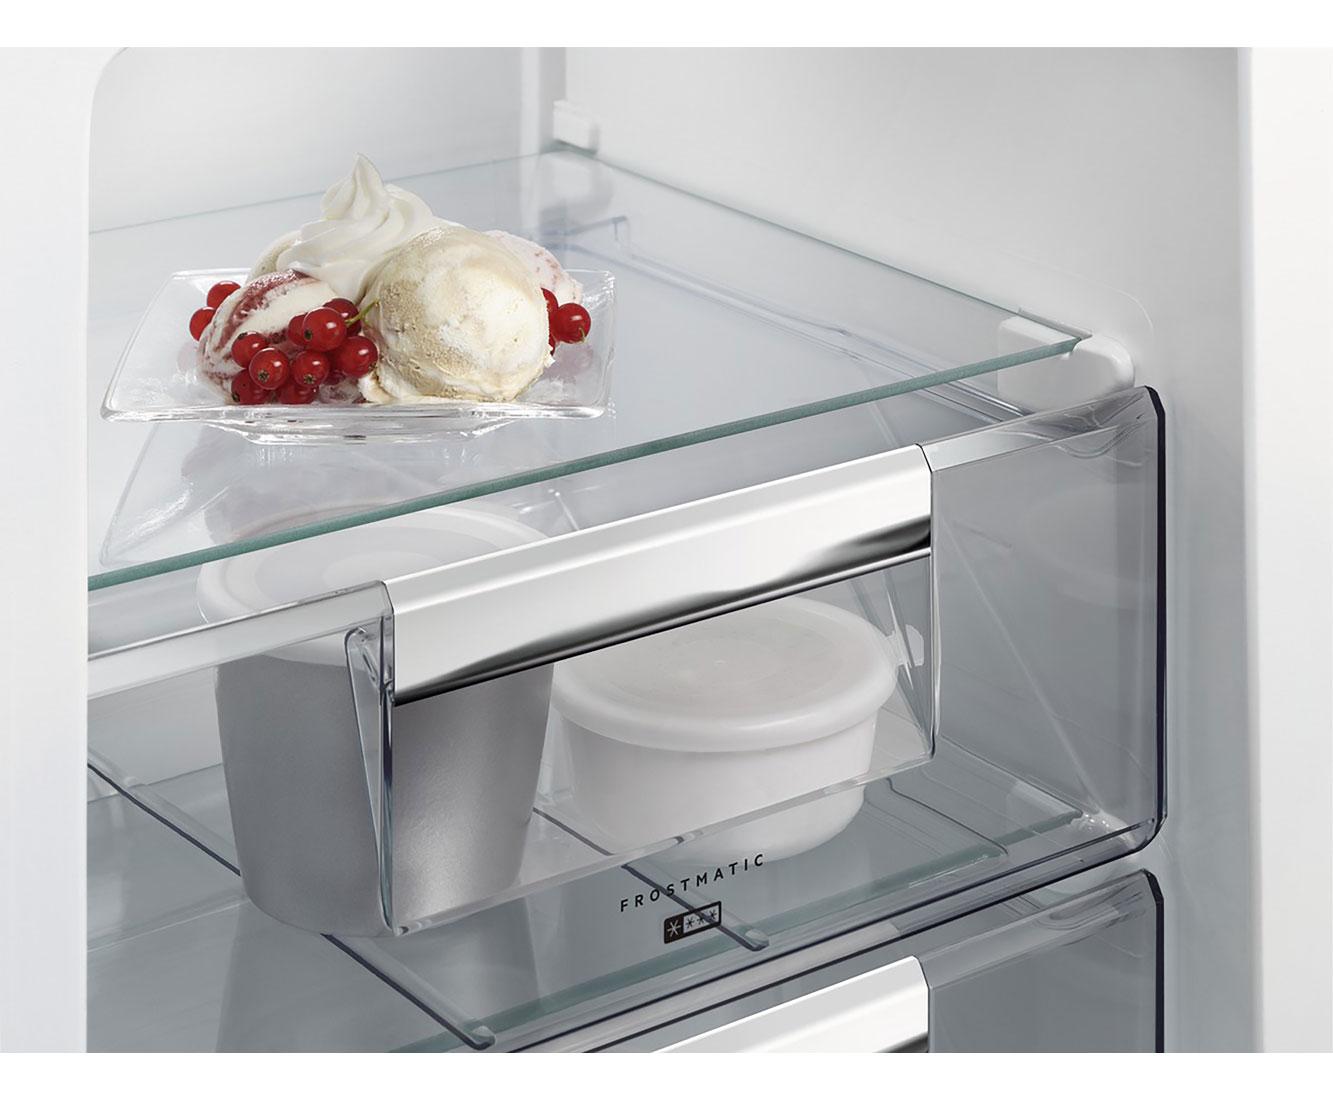 Aeg Kühlschrank Santo Kühlt Nicht : Aeg santo sca als einbau kühl gefrierkombination er nische